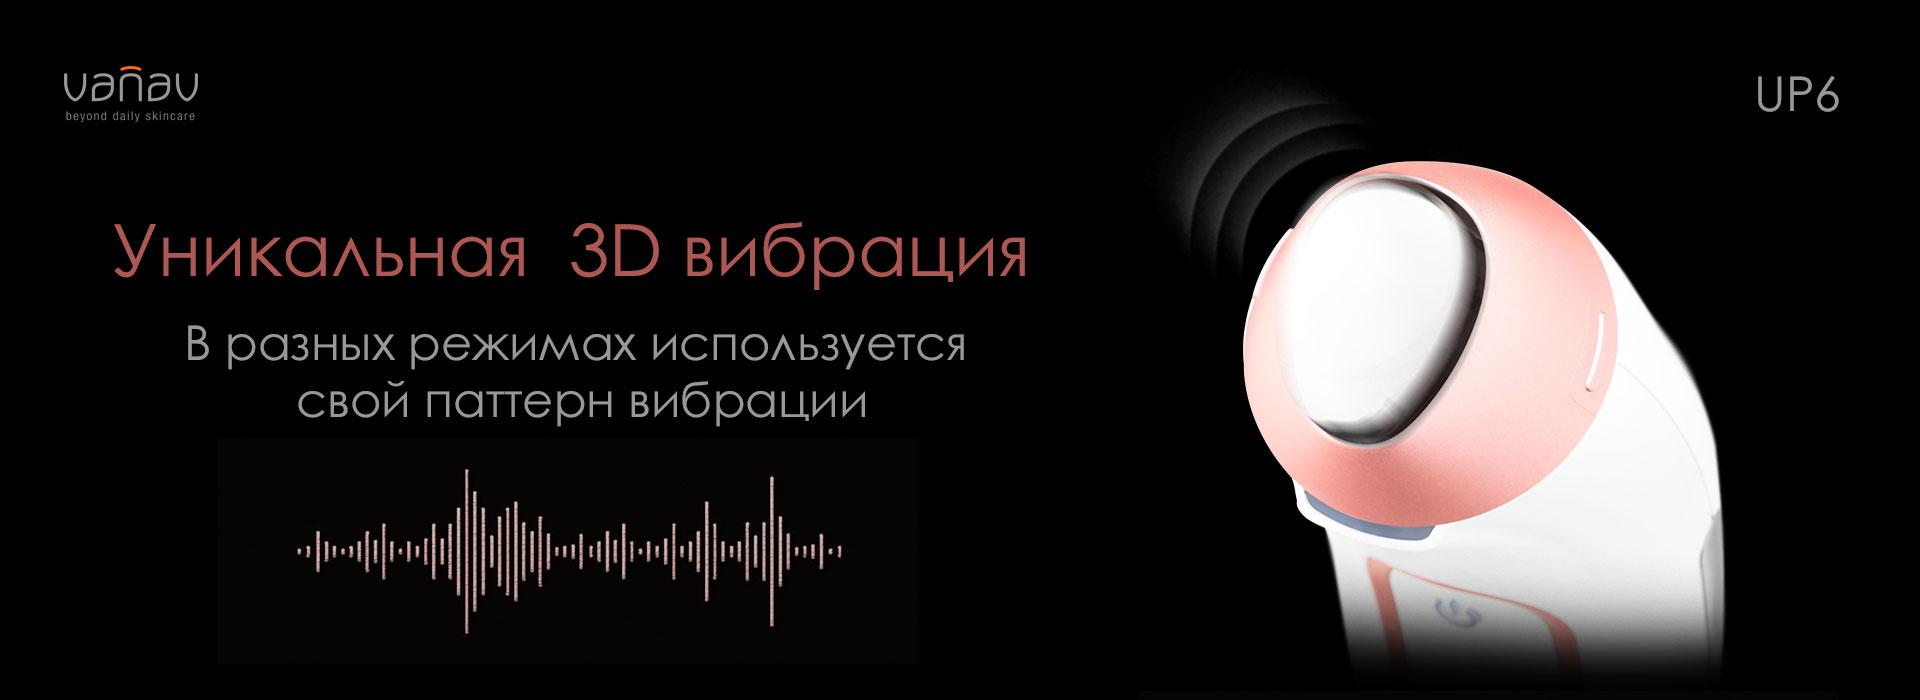 3D режим вибрации в массажере для лица VANAV UP6